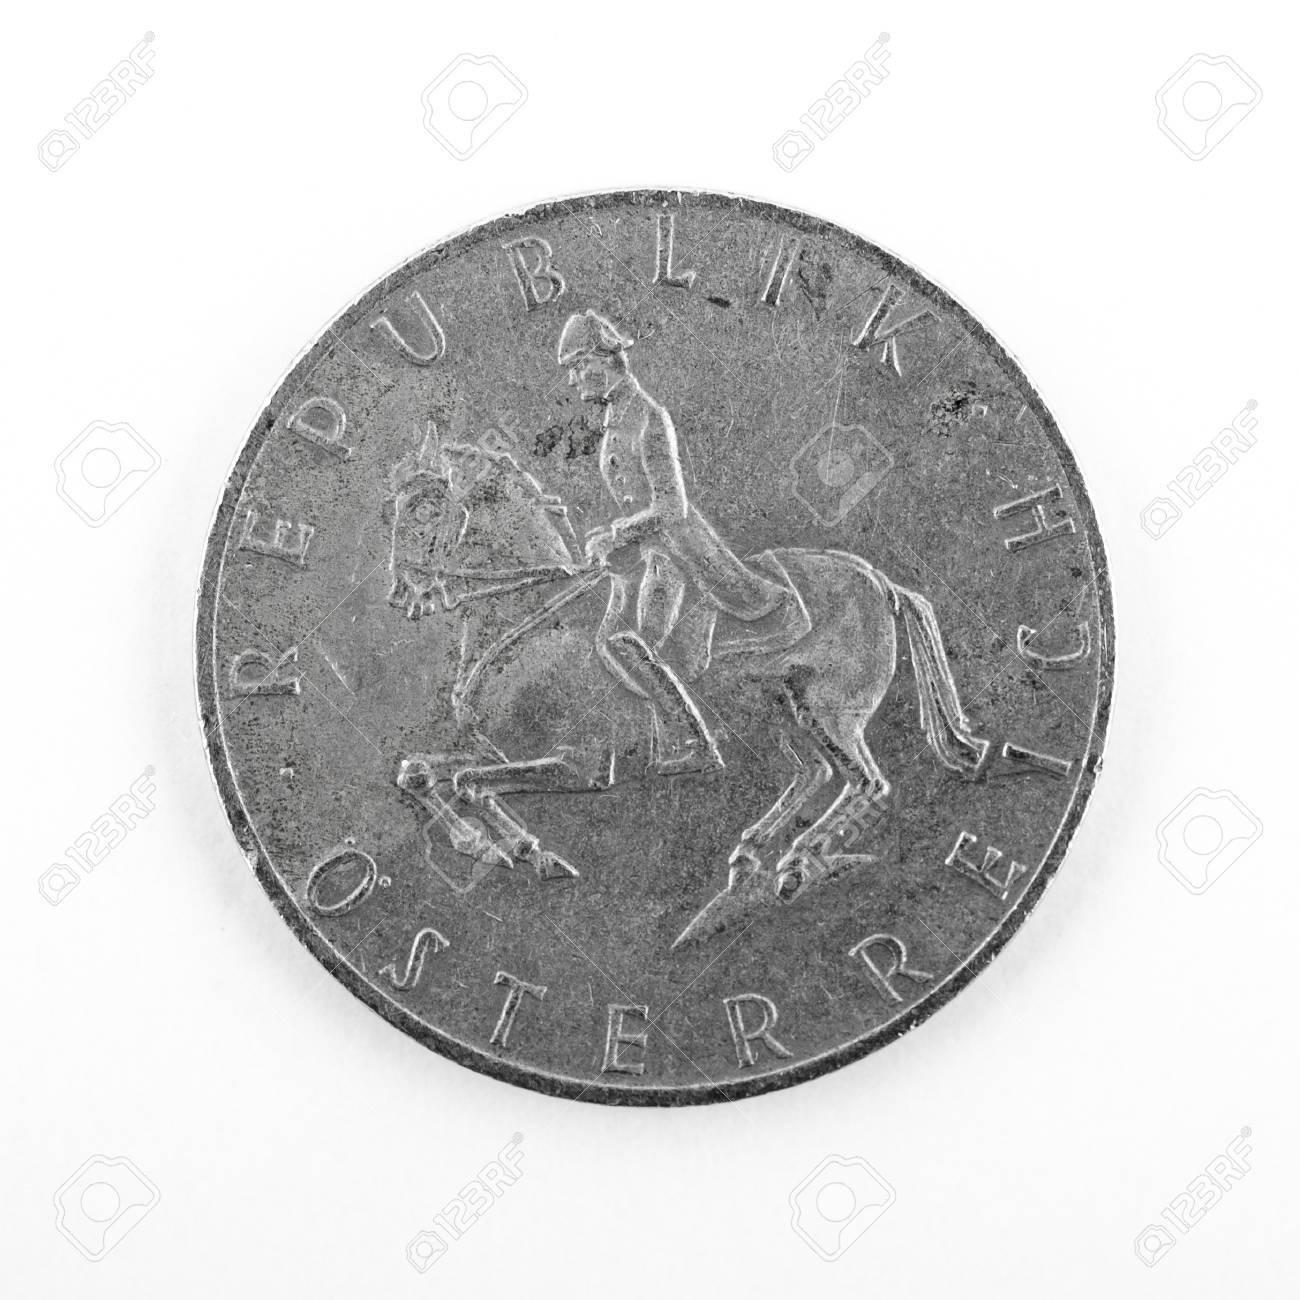 Alte österreichischen 5 Schilling Münzen Vor Euro Lizenzfreie